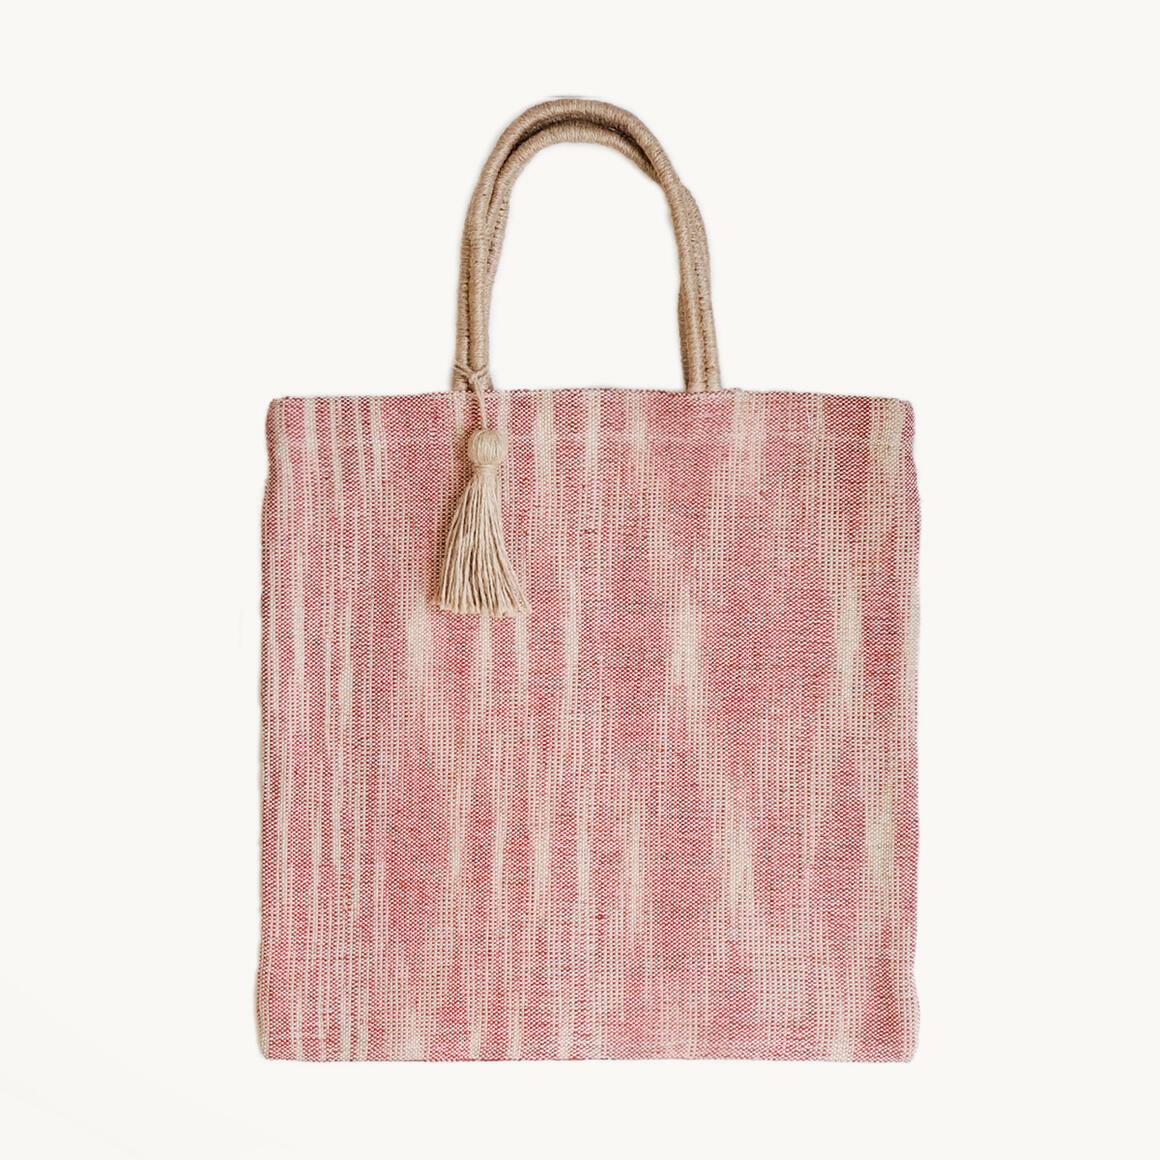 Nadi Jute Tote Bag - Red | Trada Marketplace